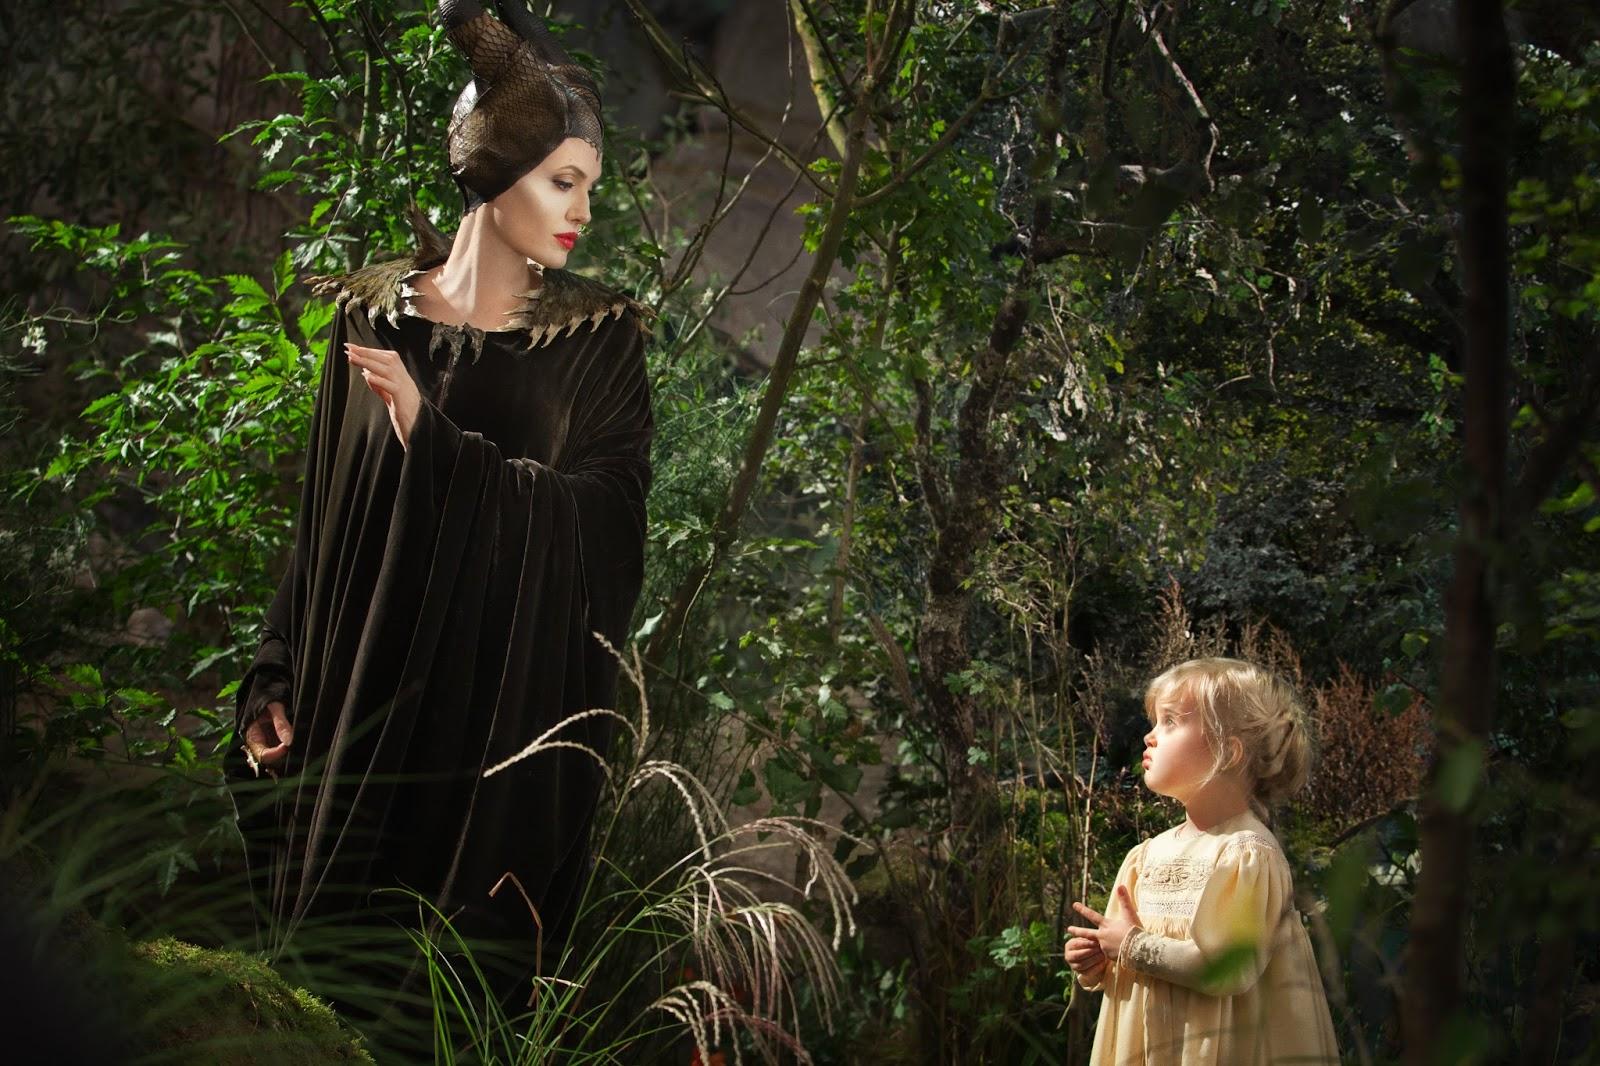 Imágenes de la película MALÉFICA, Maleficent